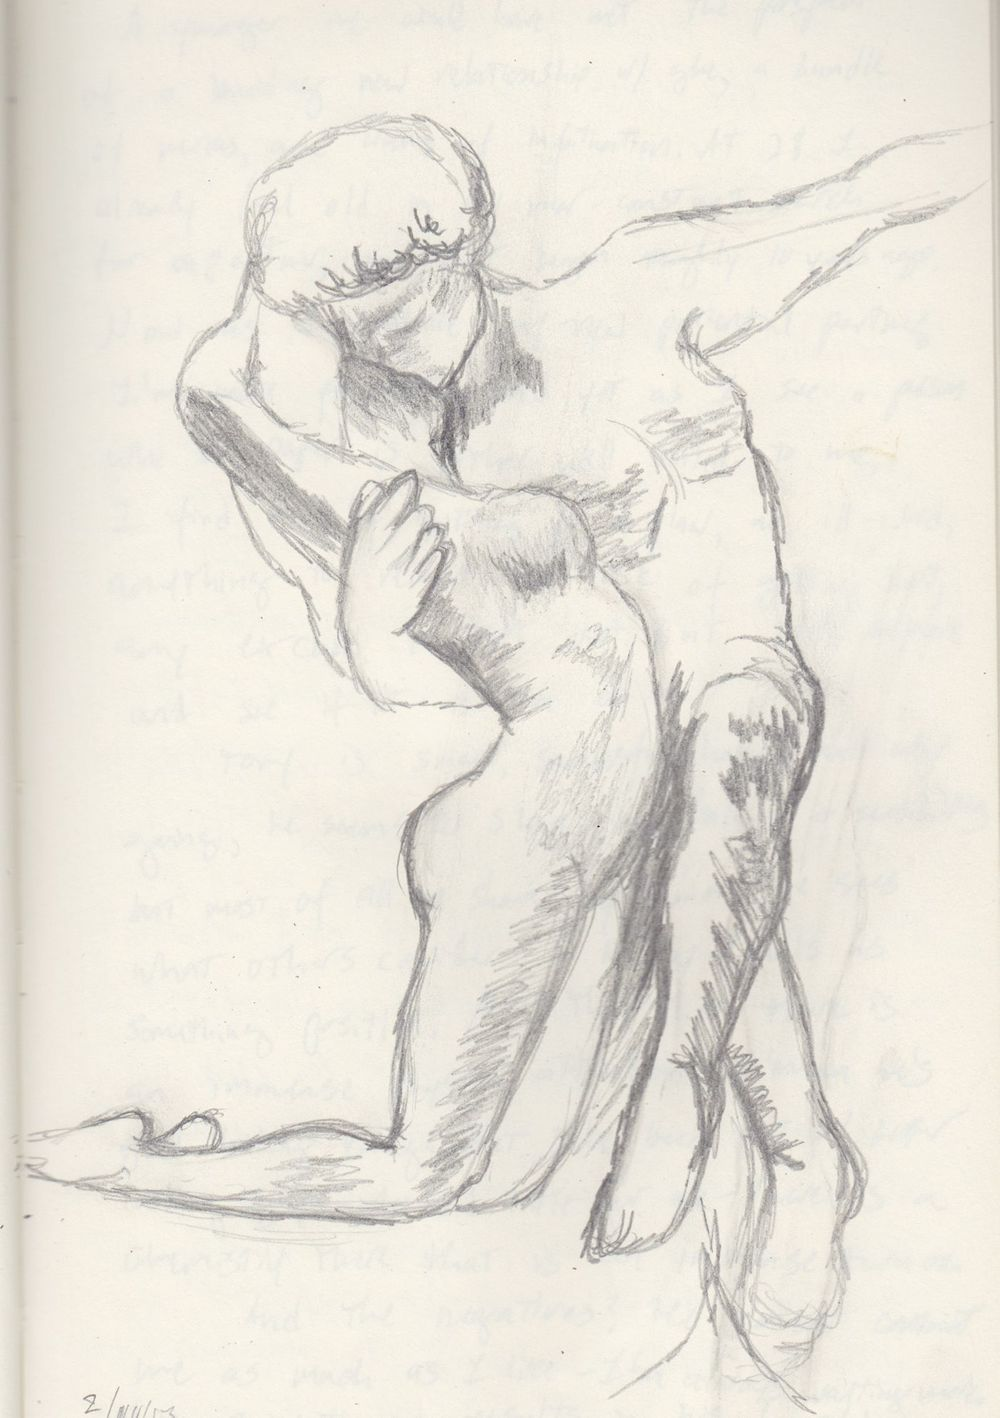 sketch_Scan 13.jpg